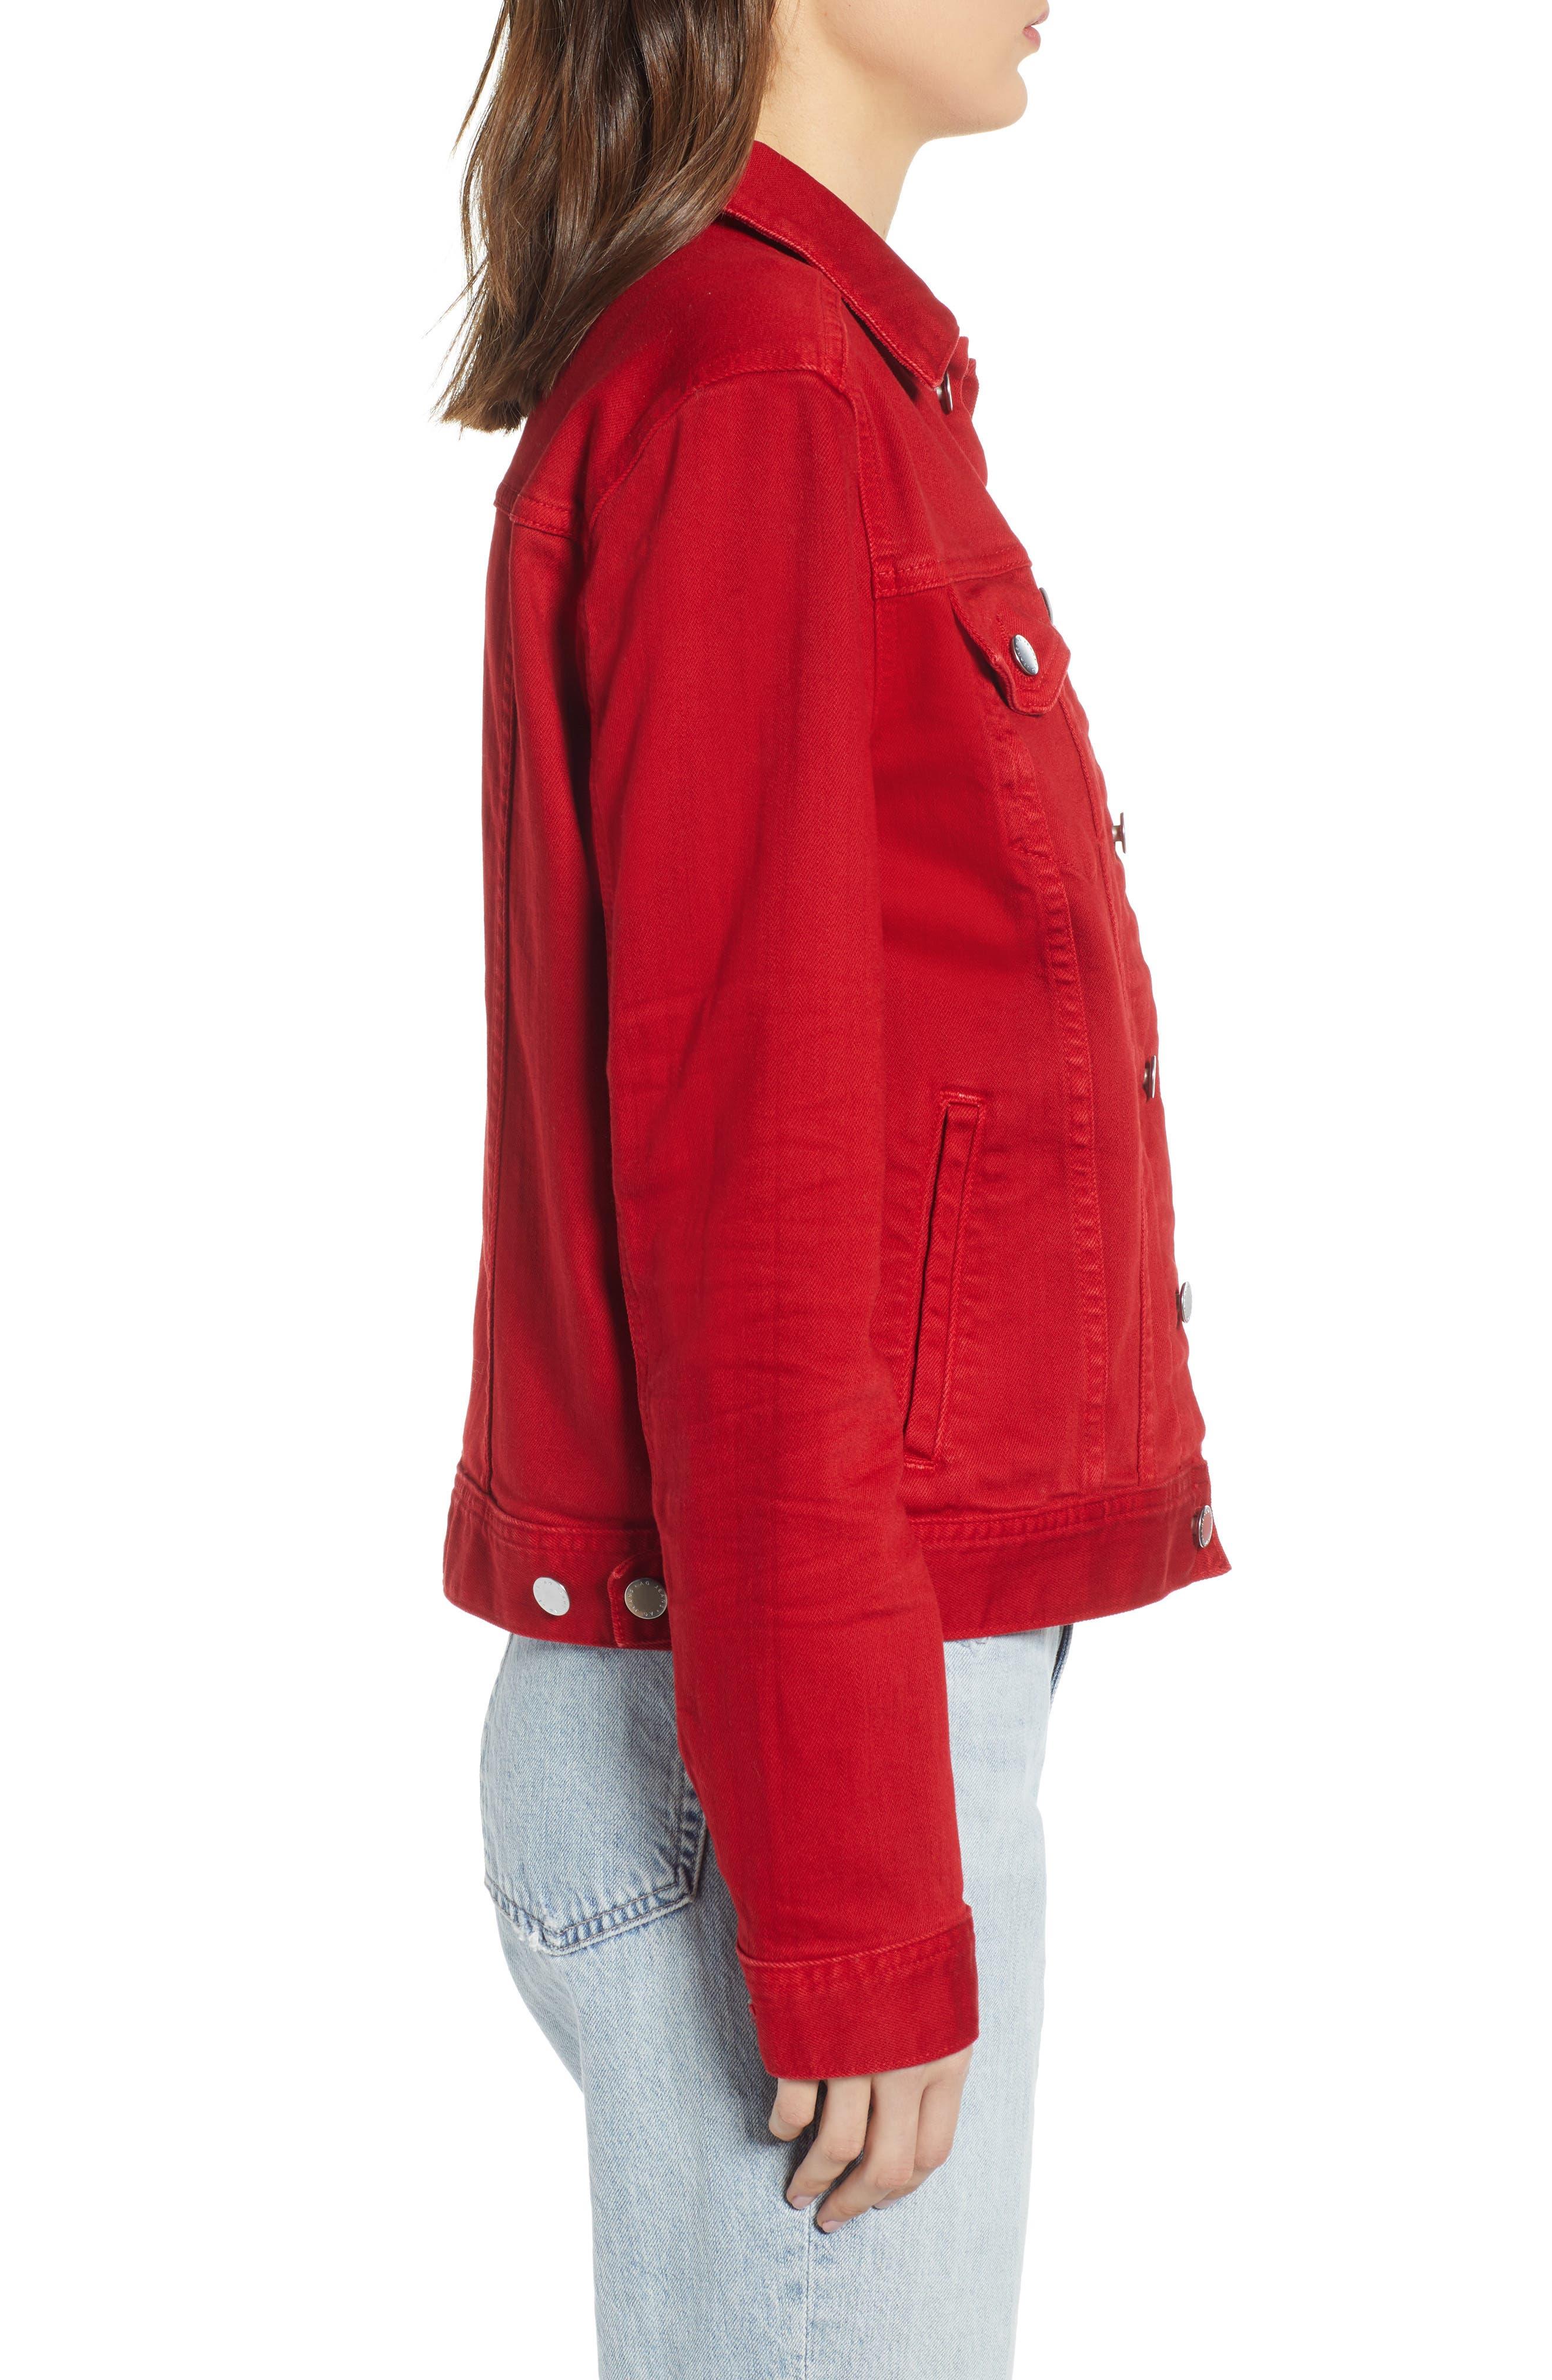 AG, Mya Denim Jacket, Alternate thumbnail 4, color, 01Y HI WHITE CLEVER RED